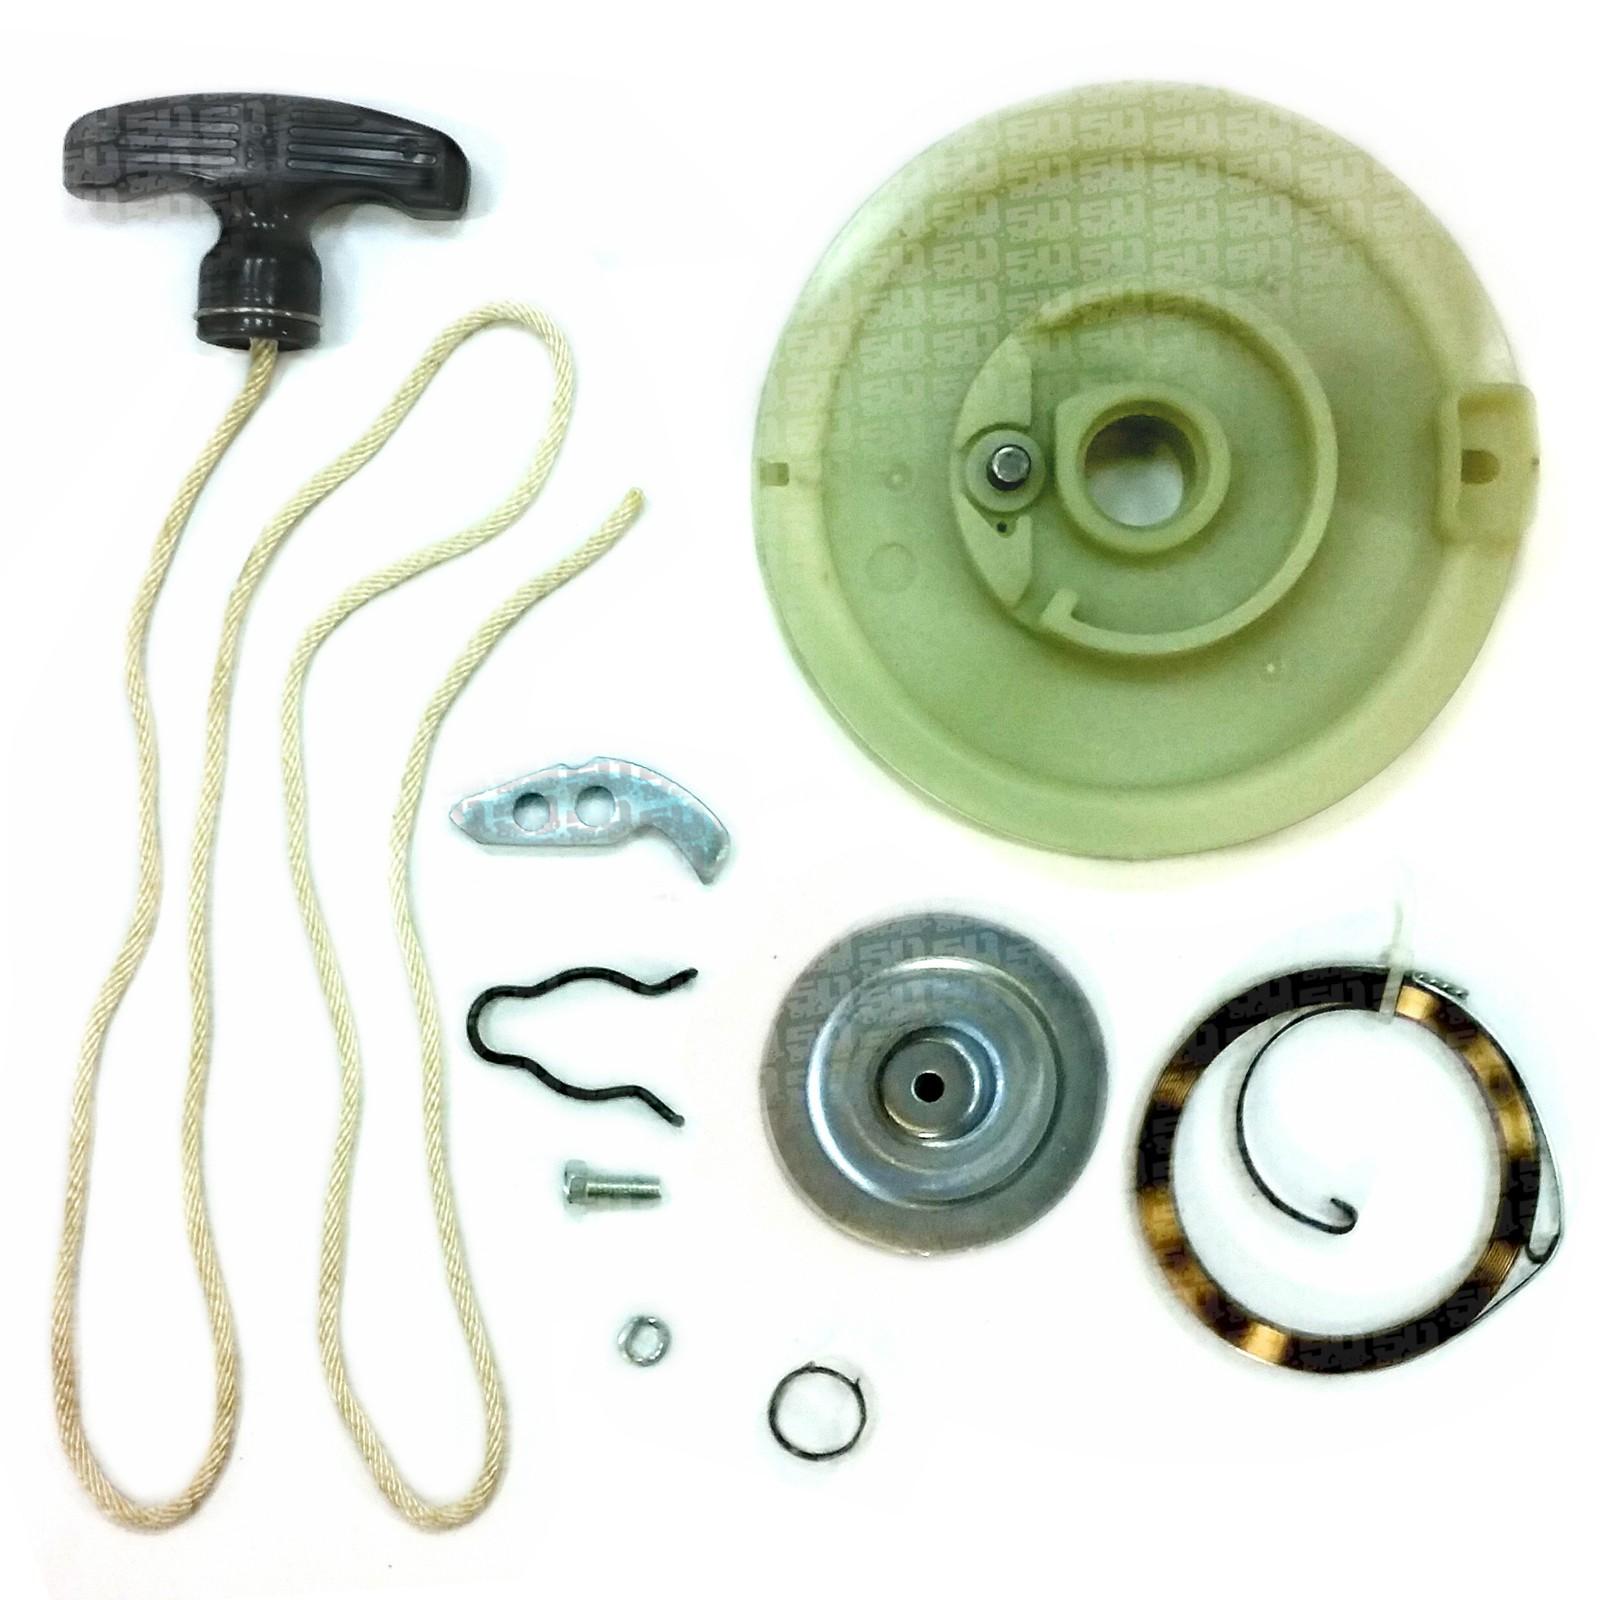 hight resolution of 2002 polaris scrambler 50 manual free wiring diagram for you